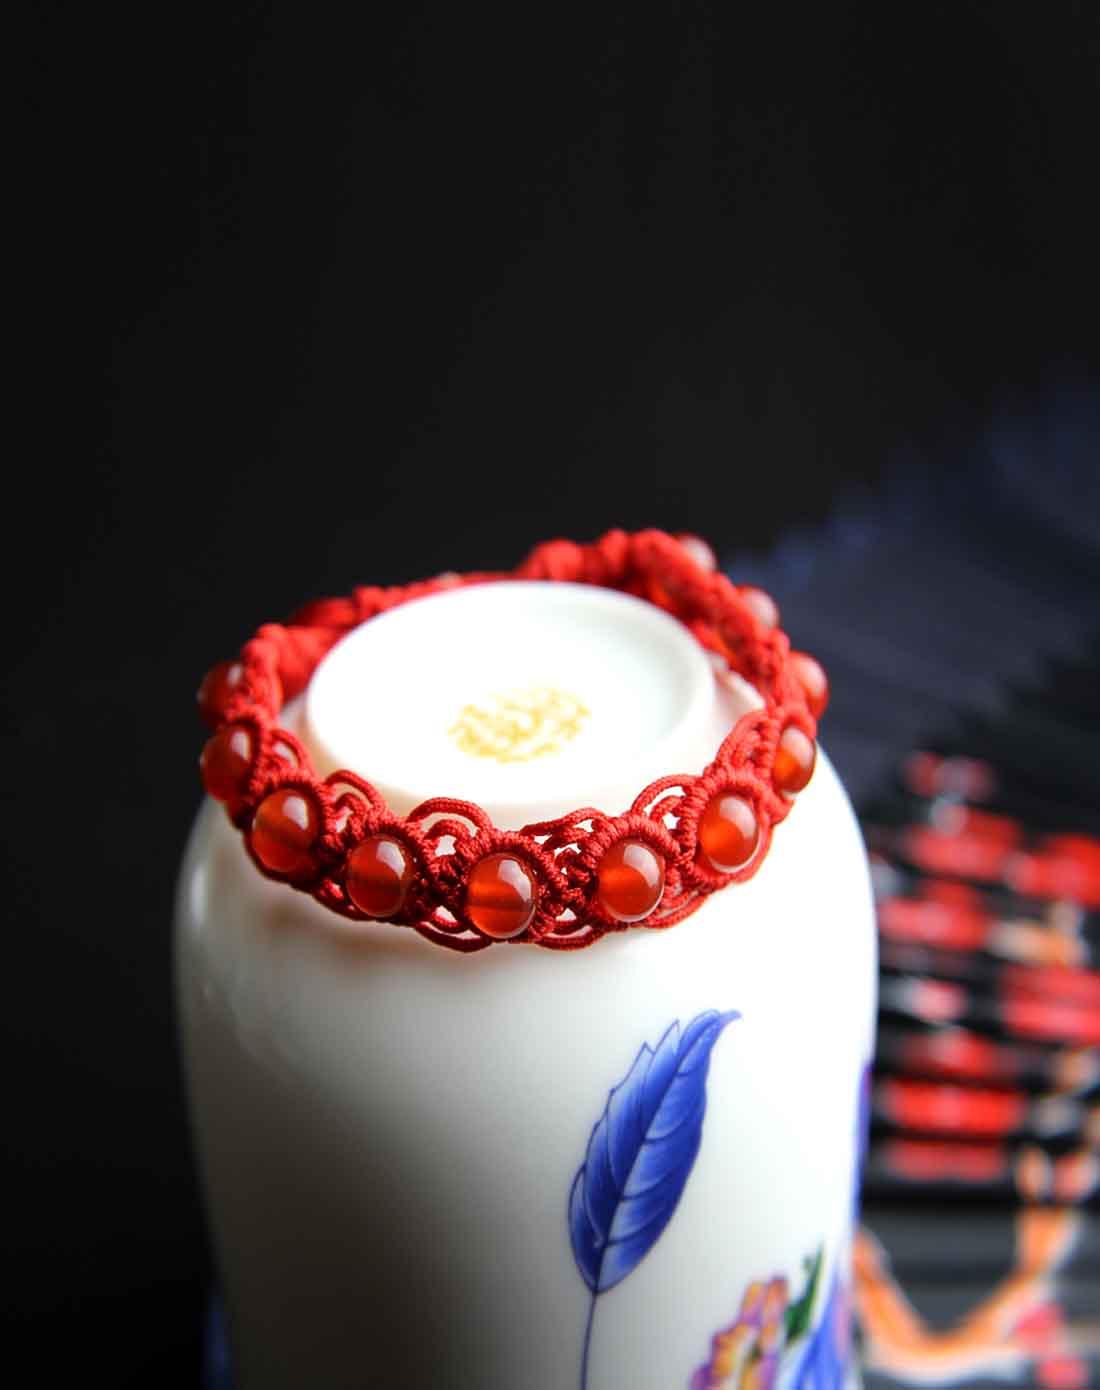 红玛瑙纯手工编绳嵌珠手链(附证书)